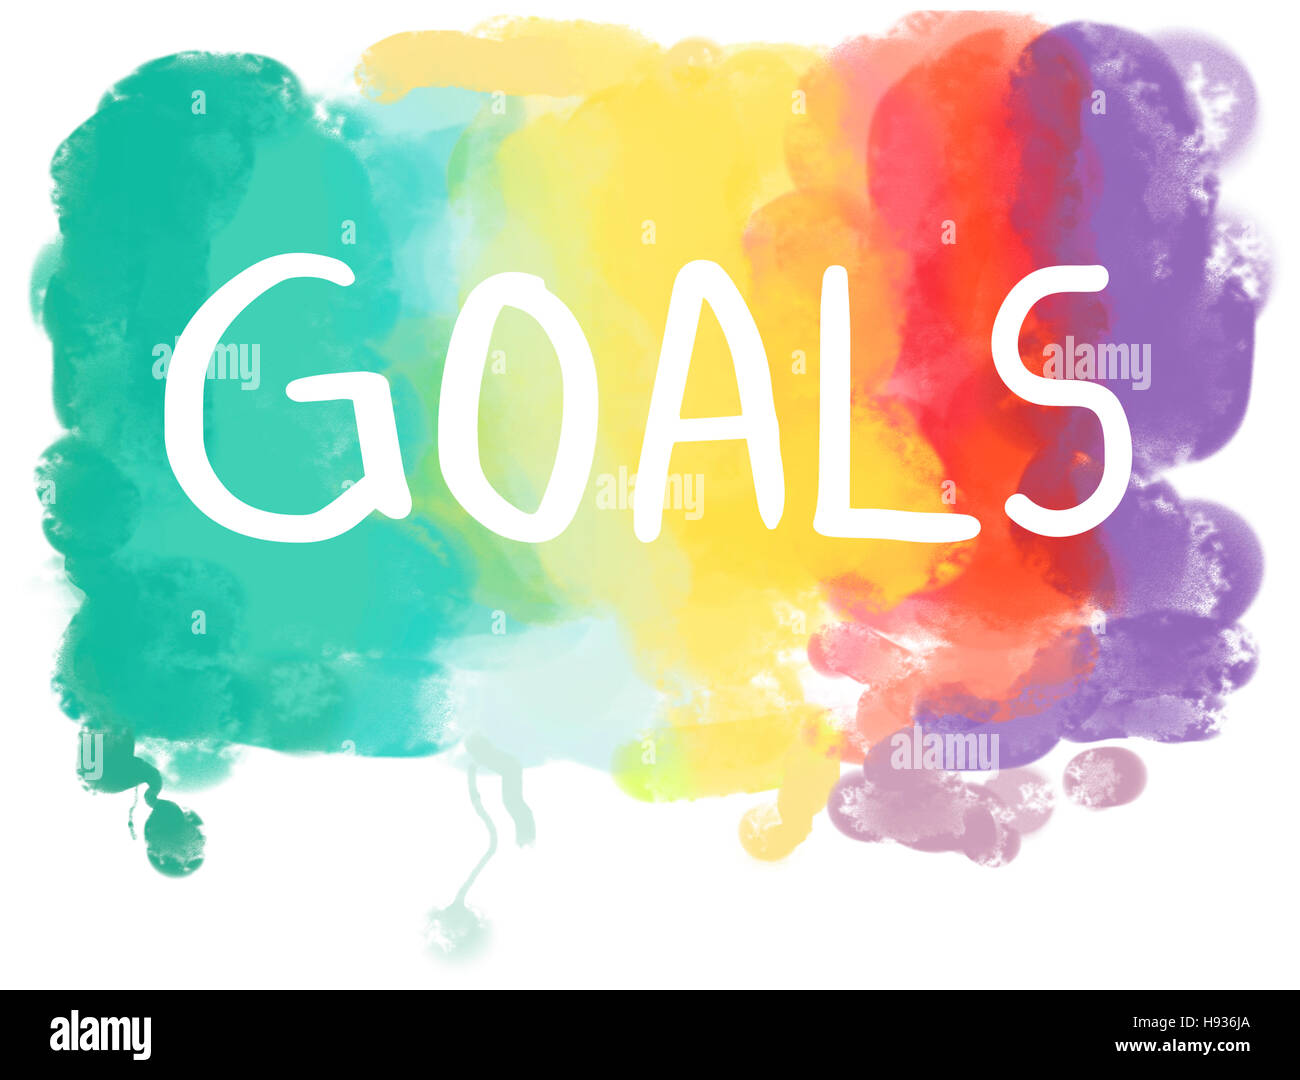 Traum Wunsch Hoffnung Inspiration Phantasie Ziel Vision Concept Stockfoto